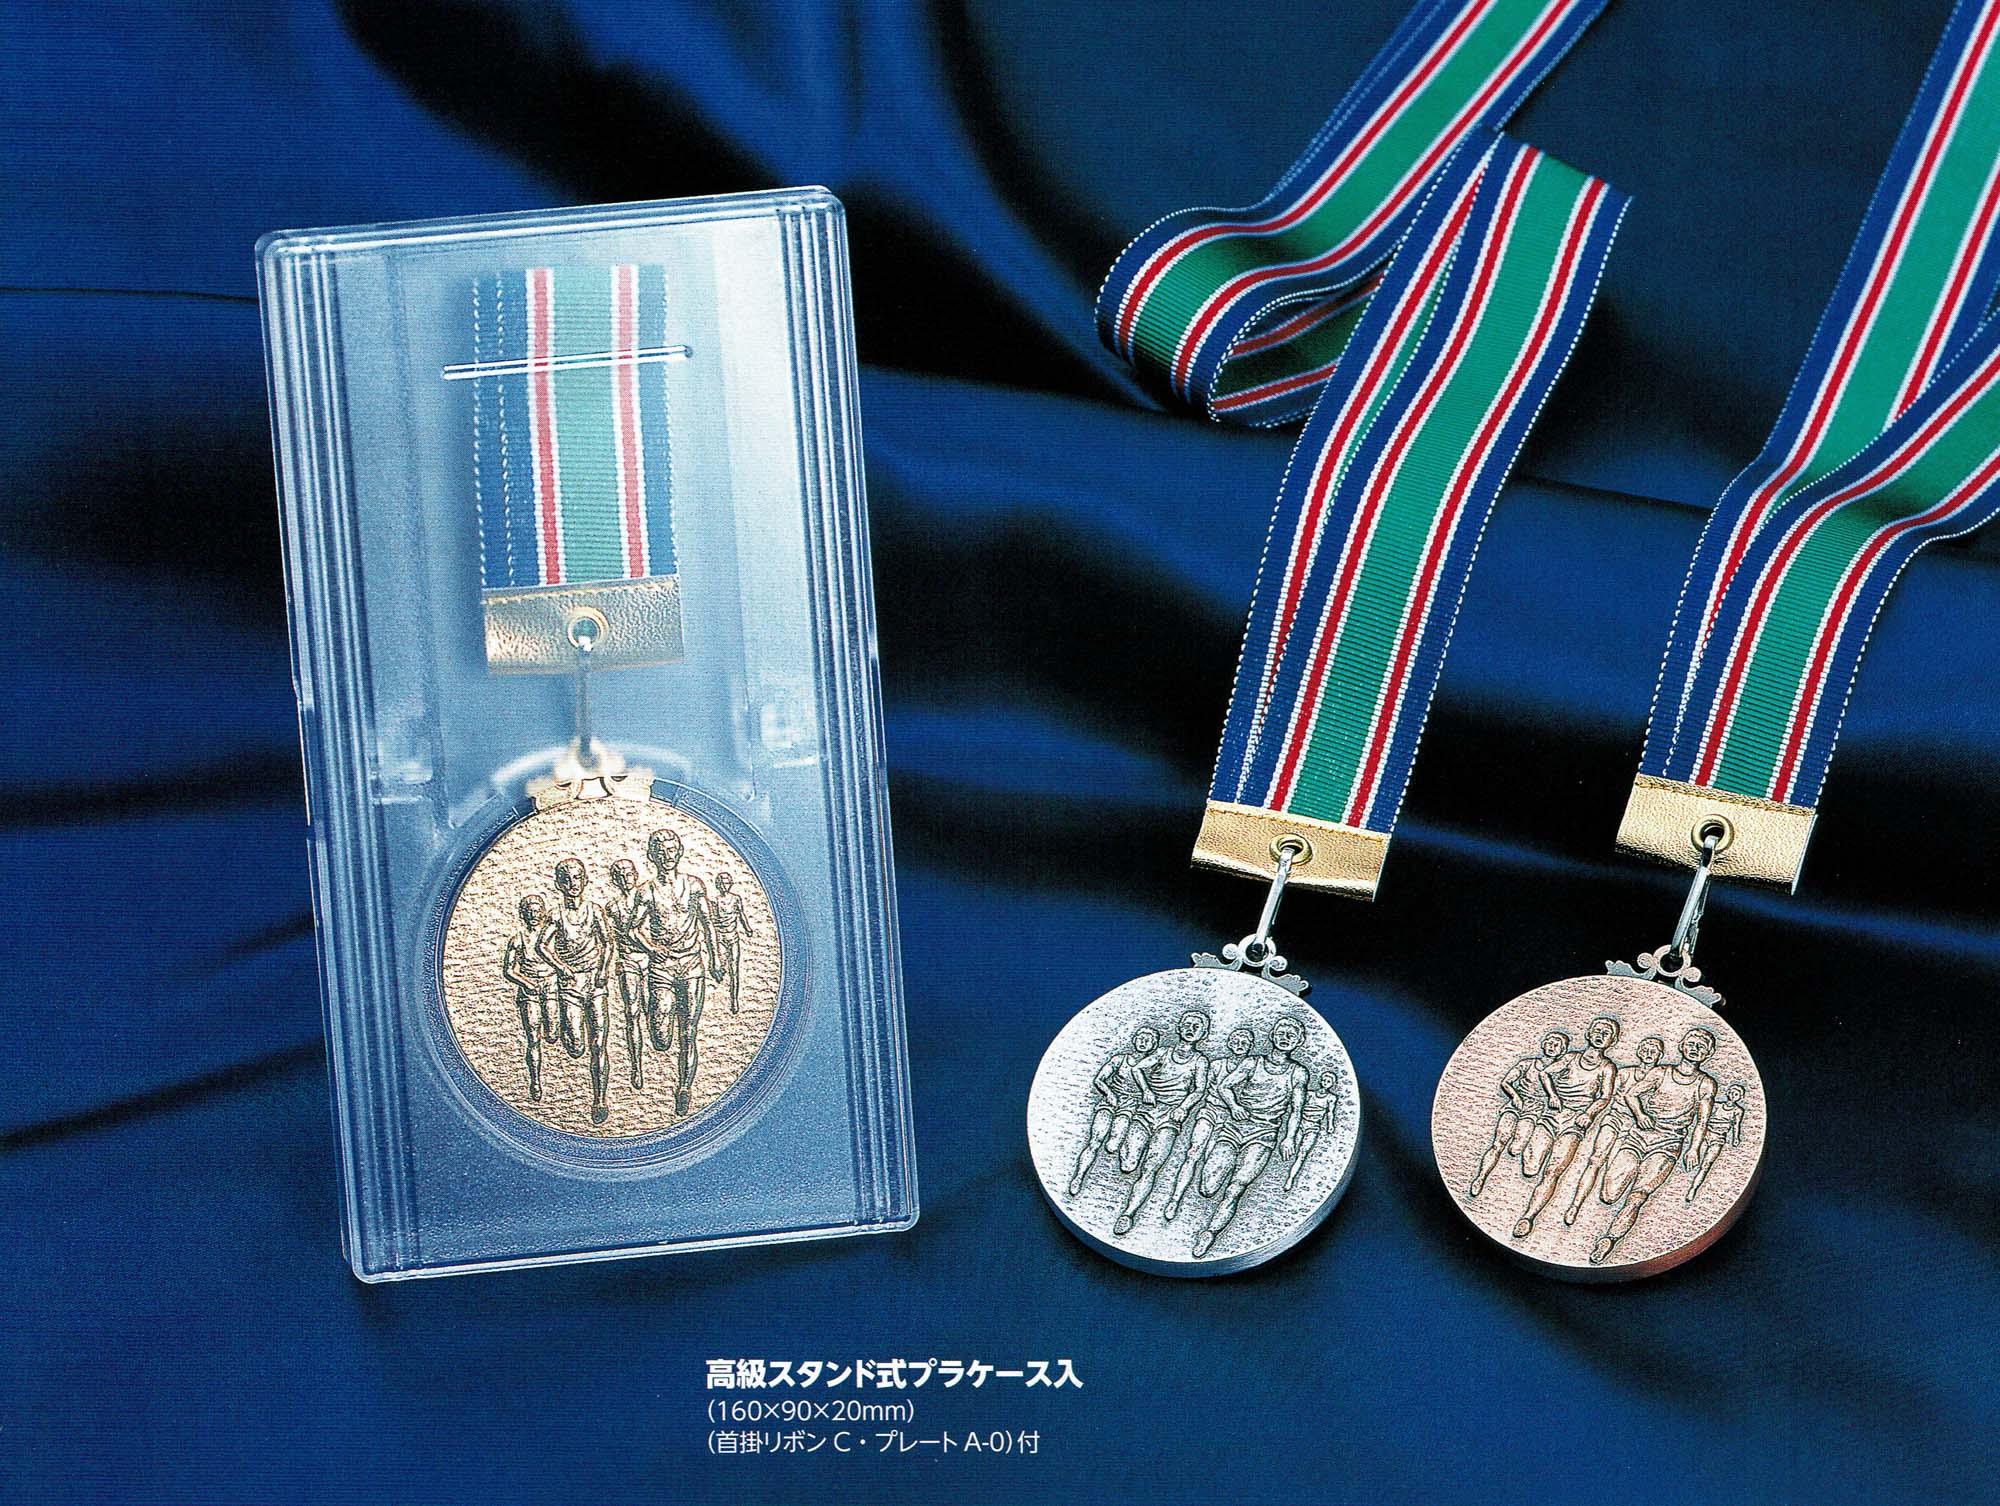 MSメダル 高級スタンド式プラケース入